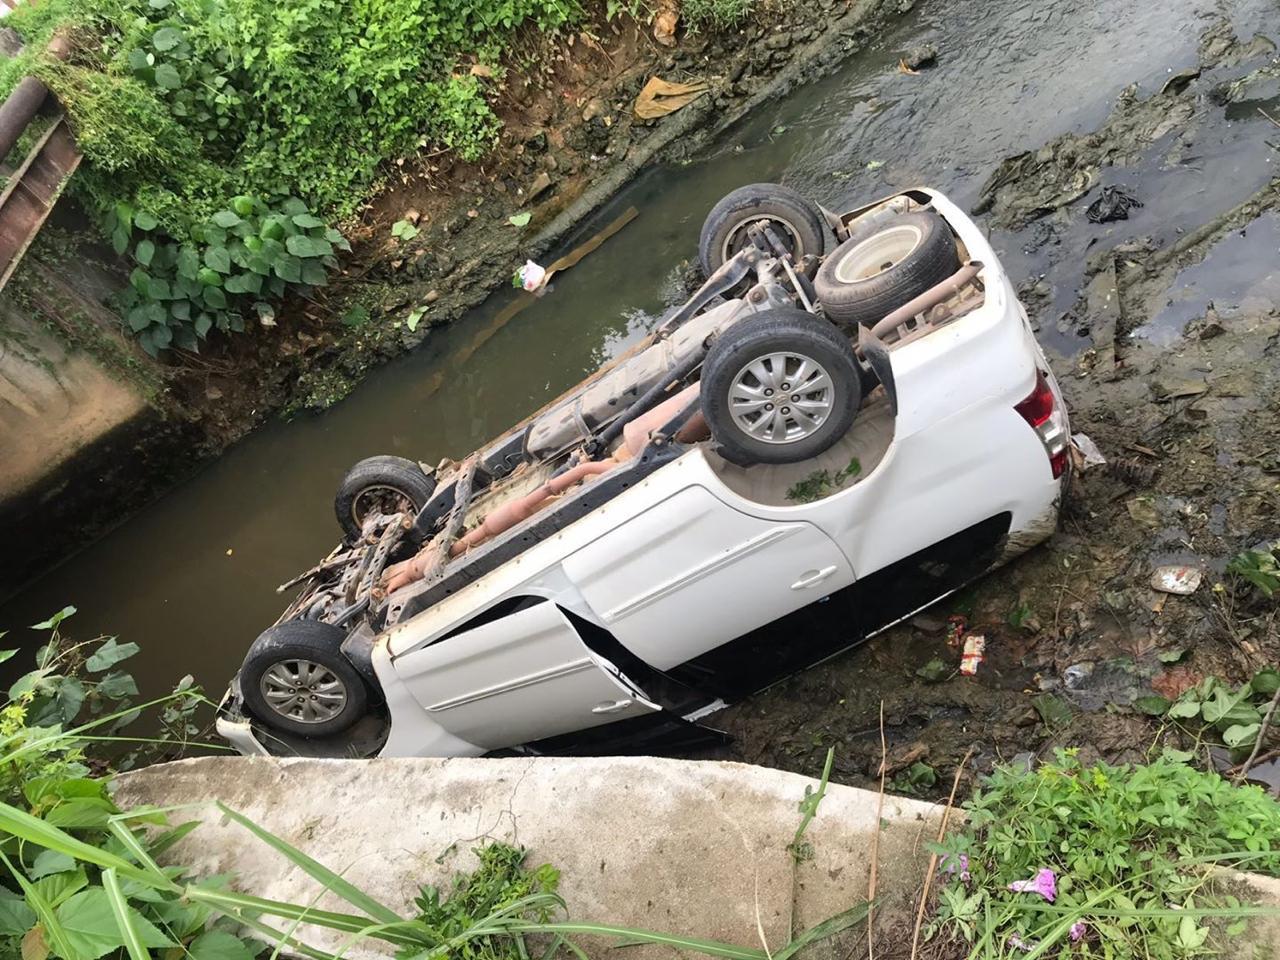 Mobil Kijang Innova putih masuk ke sungai Pasar Panjang pada Jumat pagi (7/2/2020)